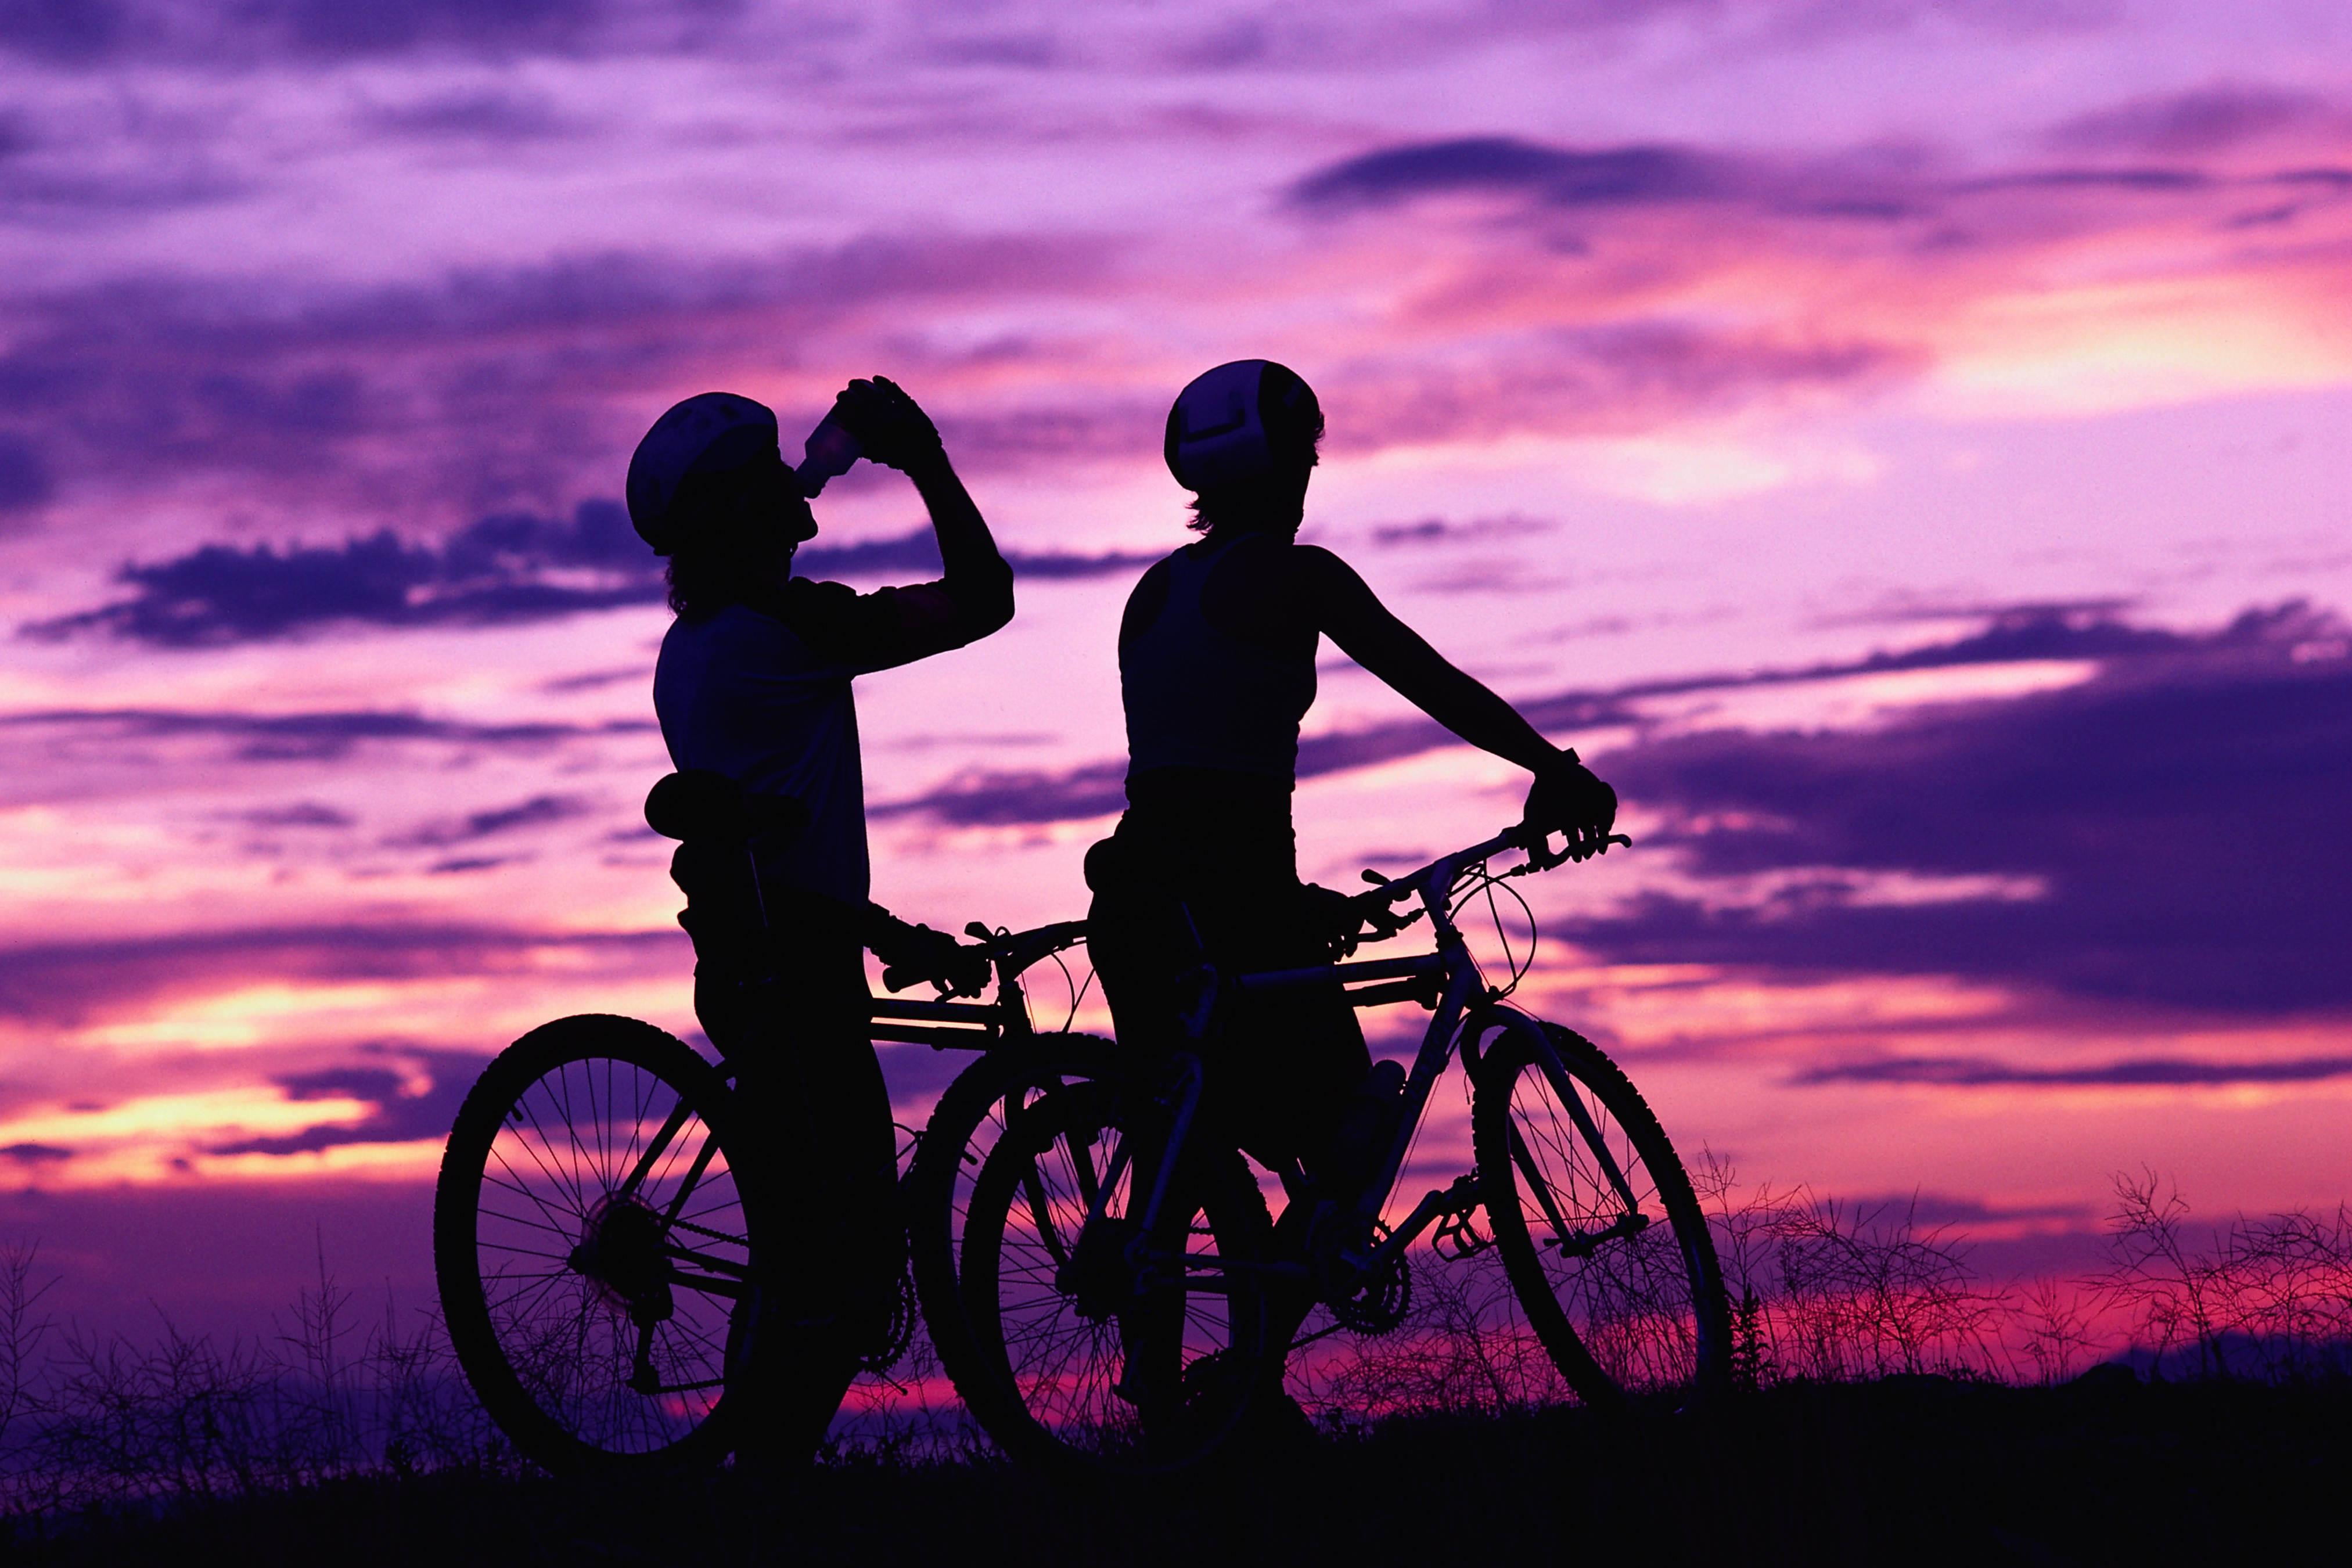 Fond D Ecran Sport Le Coucher Du Soleil Vehicule Silhouette Lever Du Soleil Soir Matin Crepuscule Cyclisme Loisir Cyclistes Equipement Sportif Velo De Montagne 4050x2700 Goodfon 613473 Fond D Ecran Wallhere